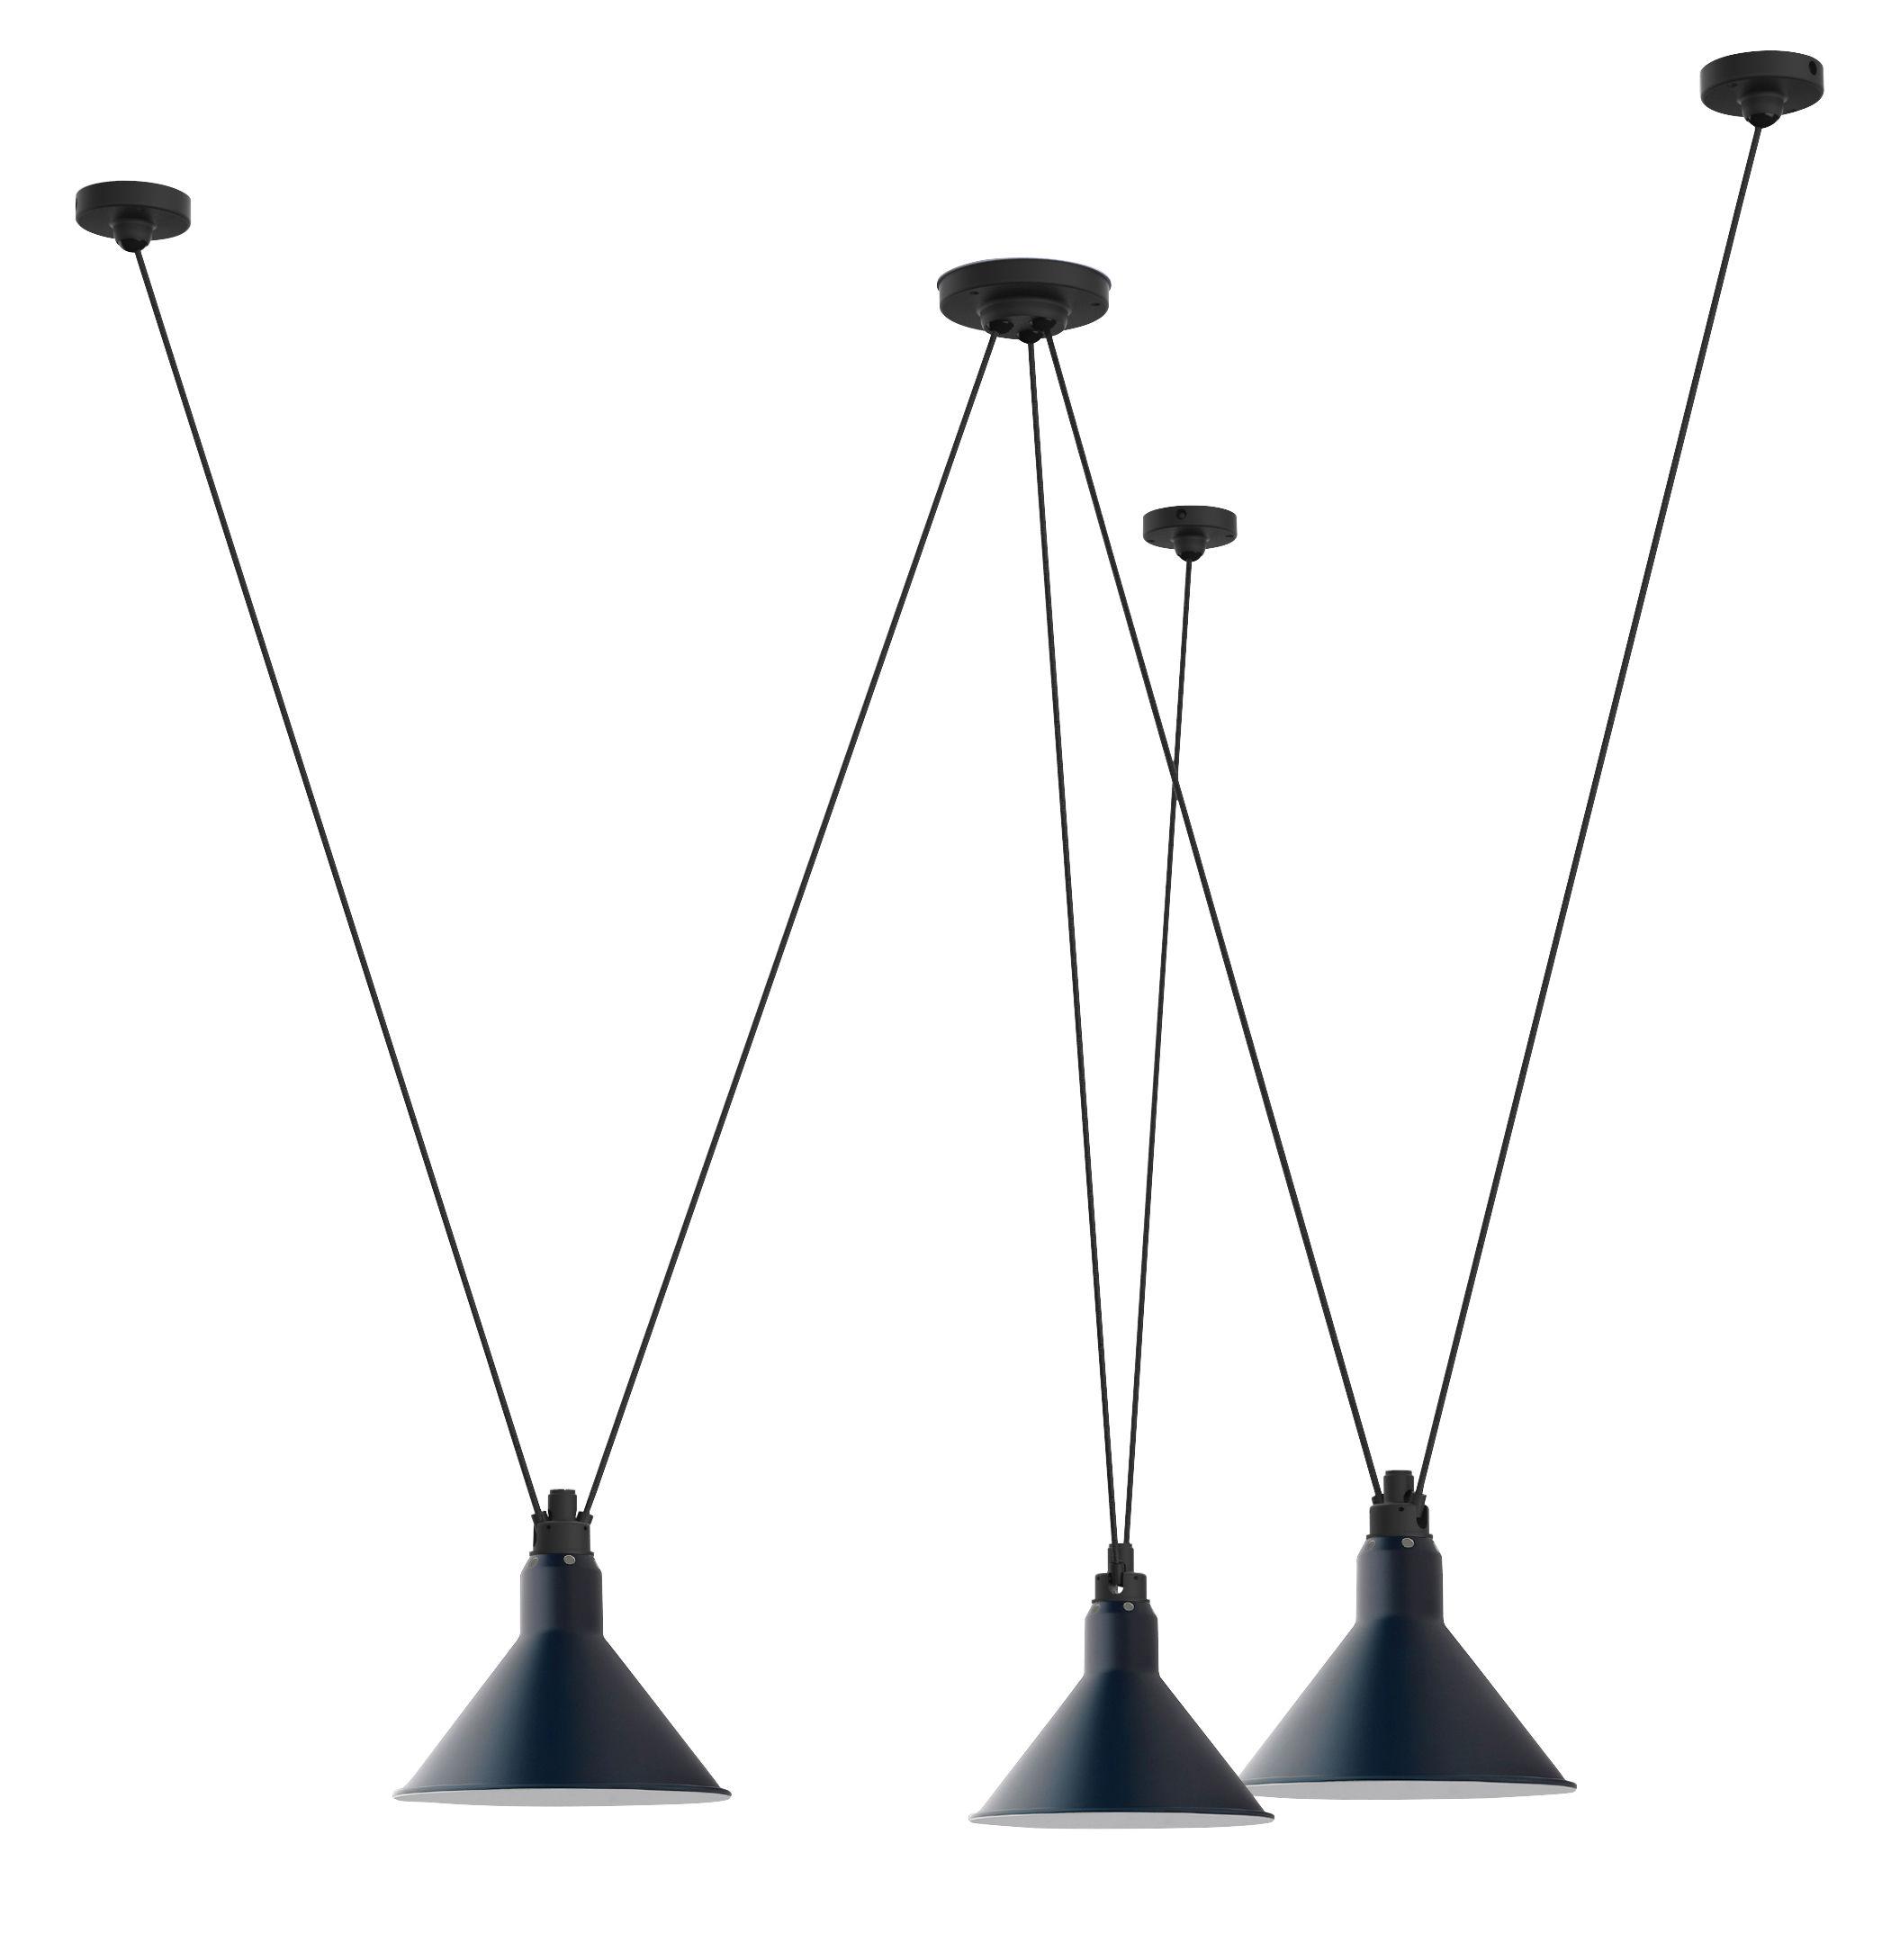 Luminaire - Suspensions - Suspension Acrobate N°325 / Lampe Gras - 3 abat-jours cônes métal - DCW éditions - Bleu / Cône - Acier peint